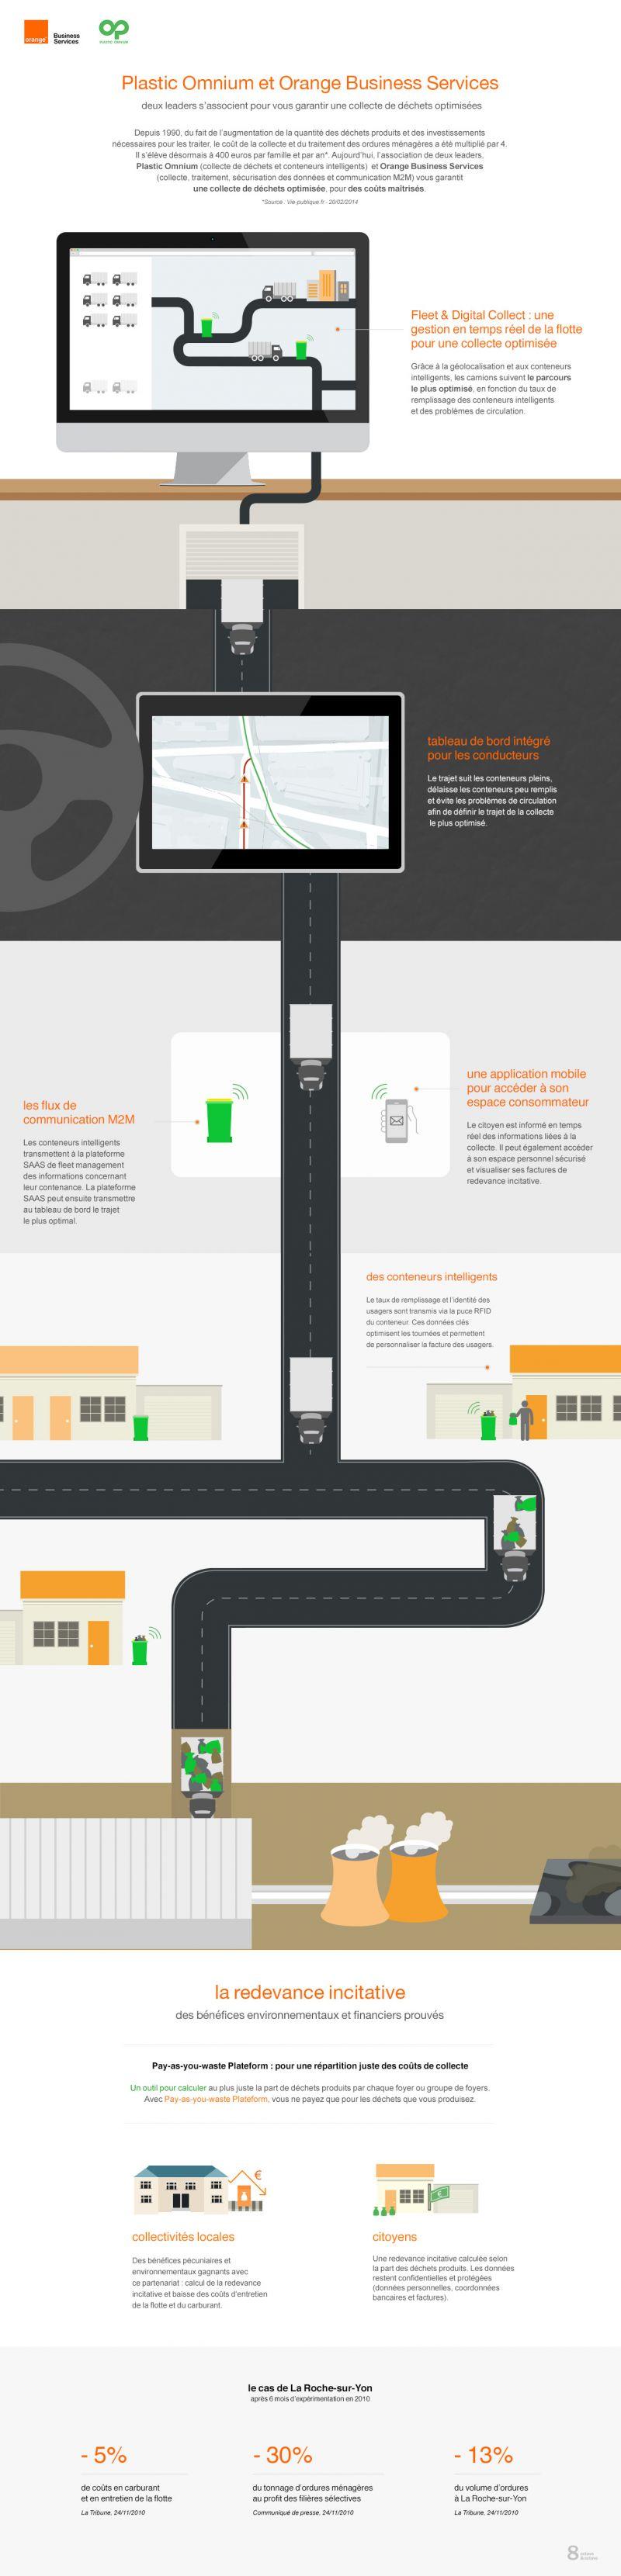 Comment optimiser la gestion des déchets ? #M2M #déchets #IoT #objetsconnectés